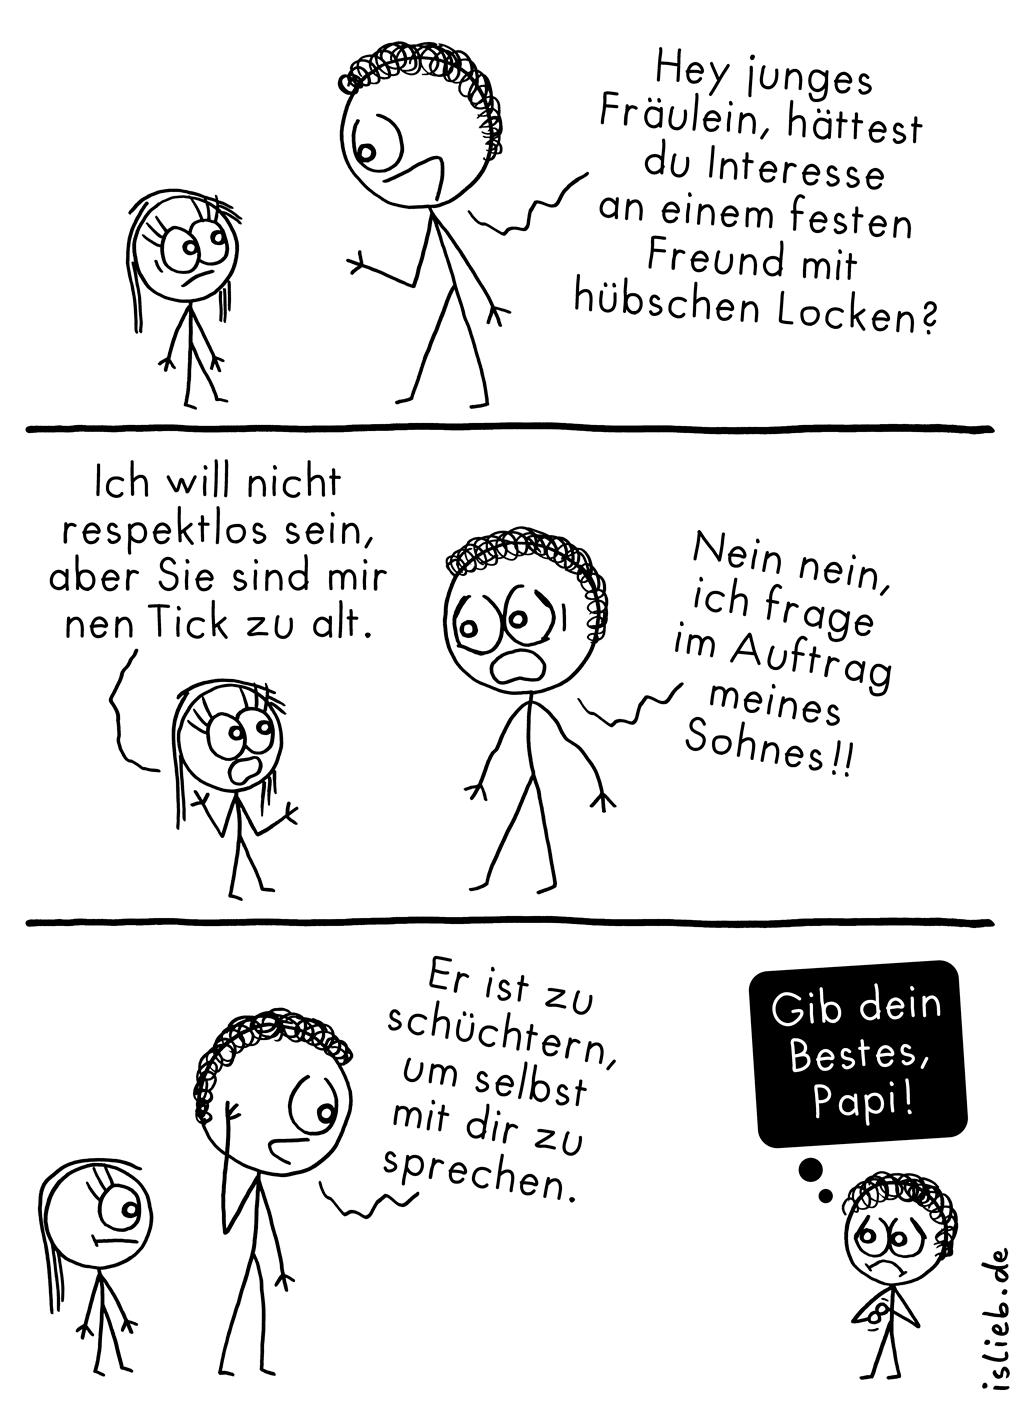 Locken | Strichmännchen-Comic | is lieb?